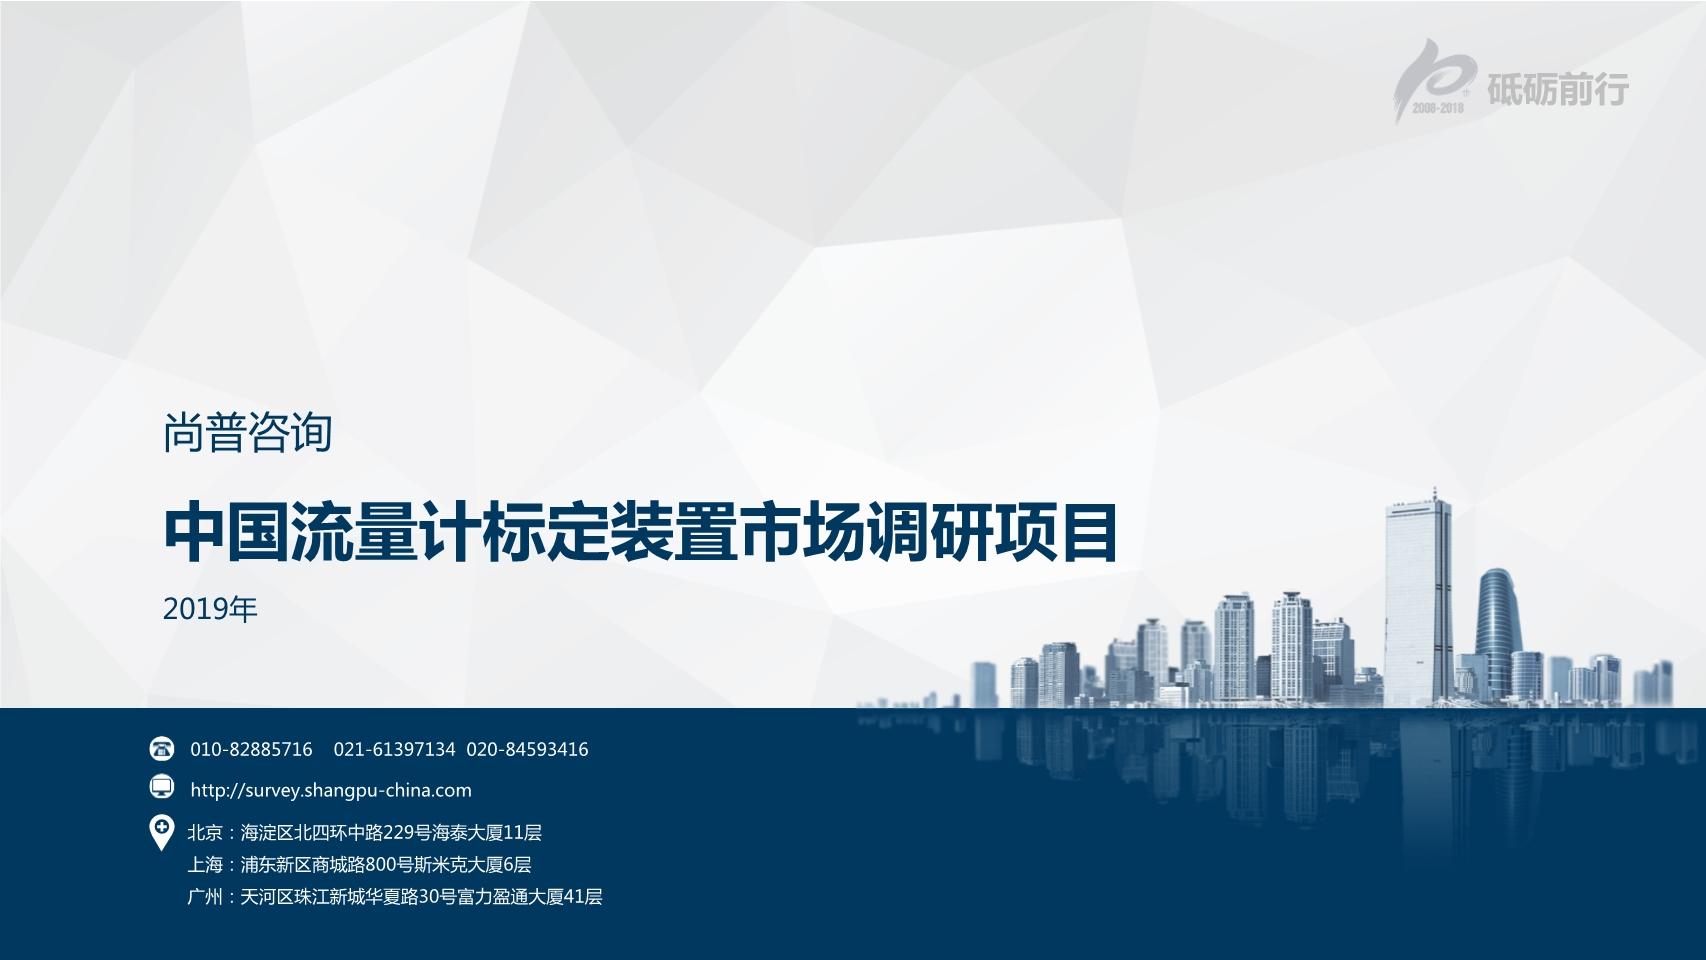 中国流量计标定装置市场调研